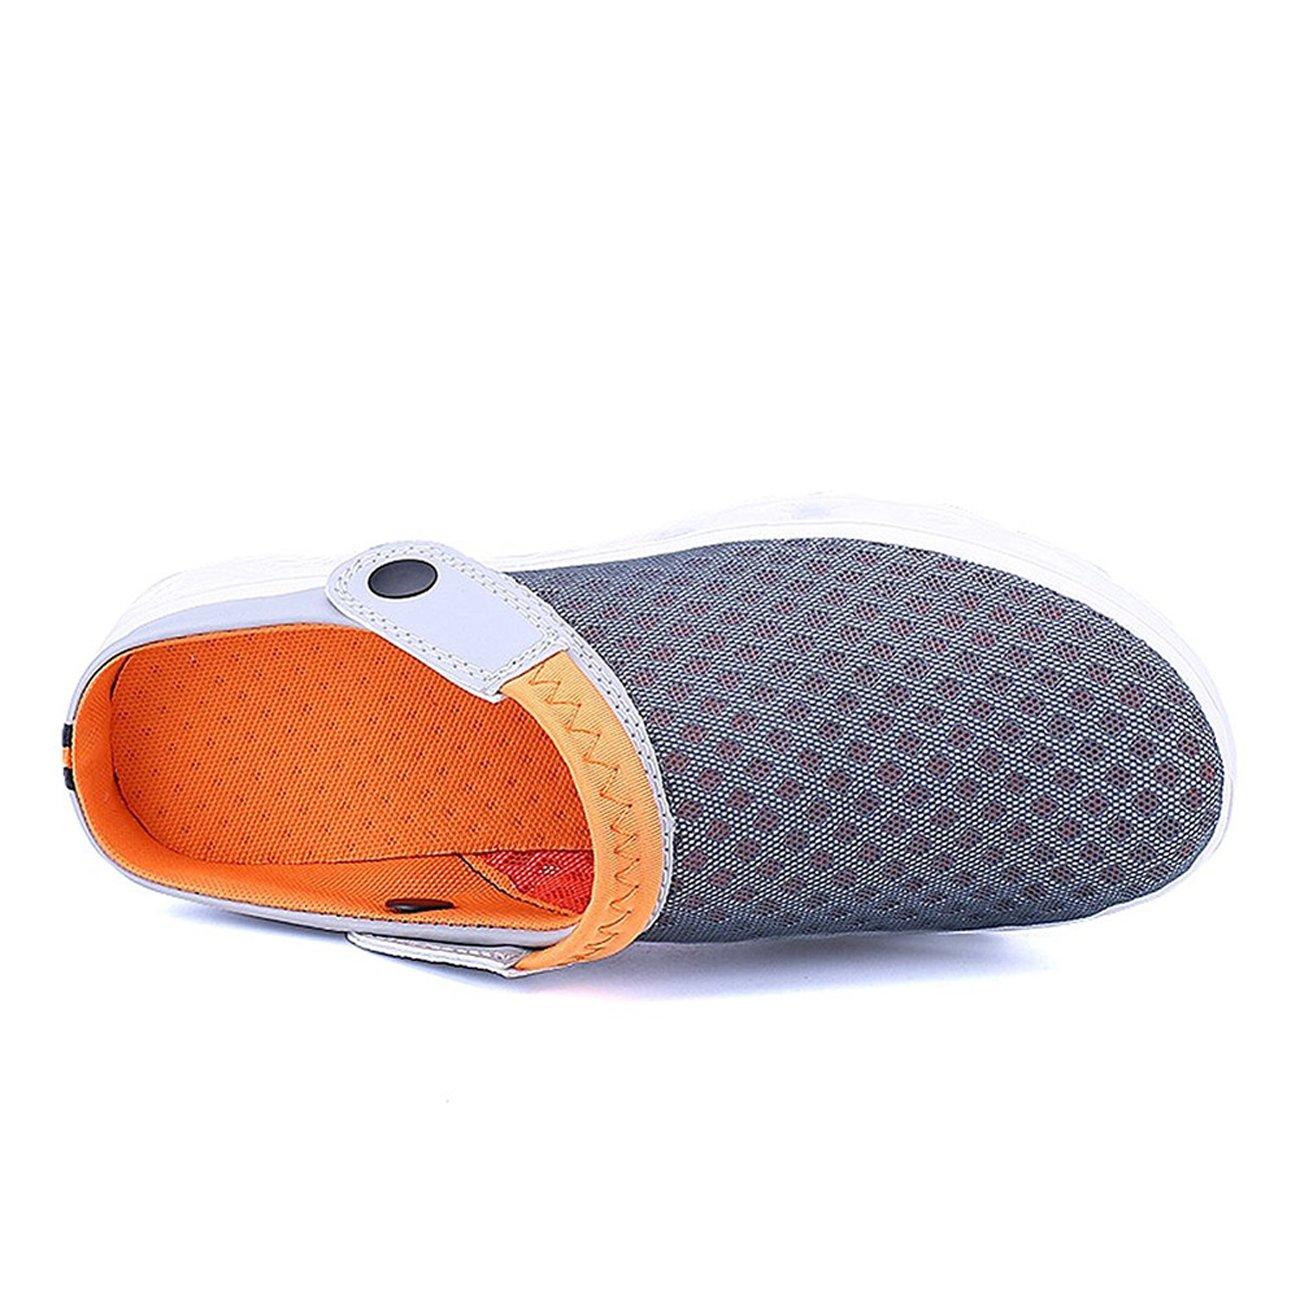 Mules Hommes Femmes Sabots Respirant Chaussures de Jardin D/Ét/é Amants Pantoufles Plage Sandales Piscine Sandales Chaussons avec Trous de Drainage pour Tous Les Sports de Plage